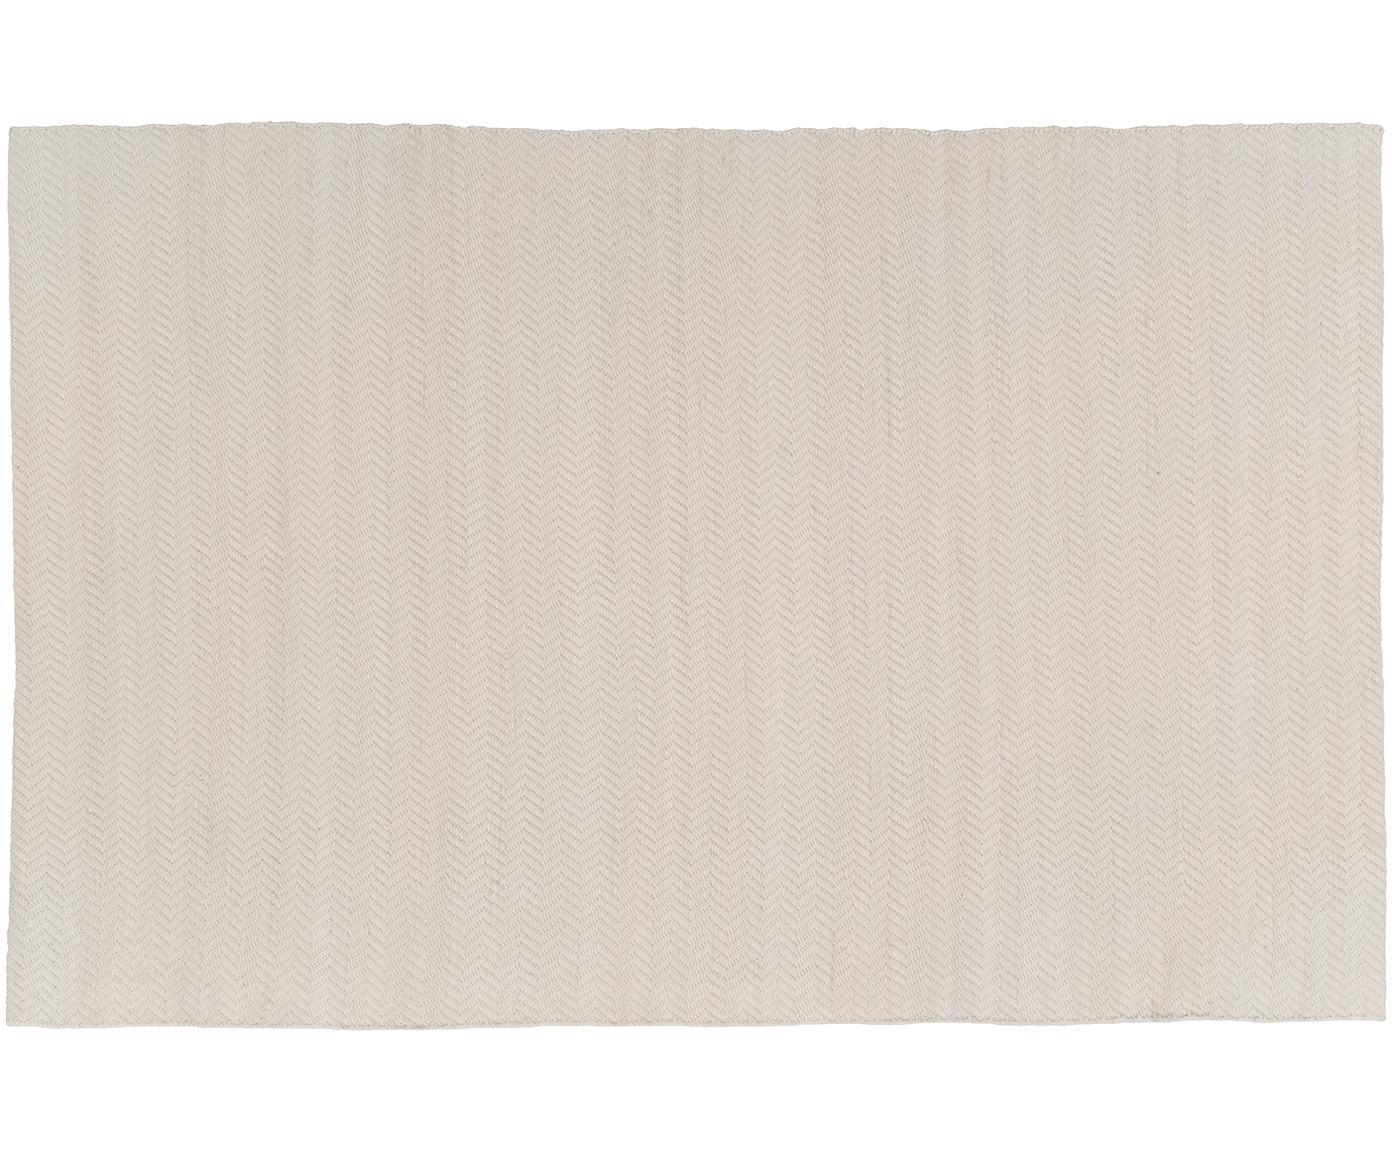 Handgeweven wollen vloerkleed Clara, Crèmekleurig, 120 x 180 cm